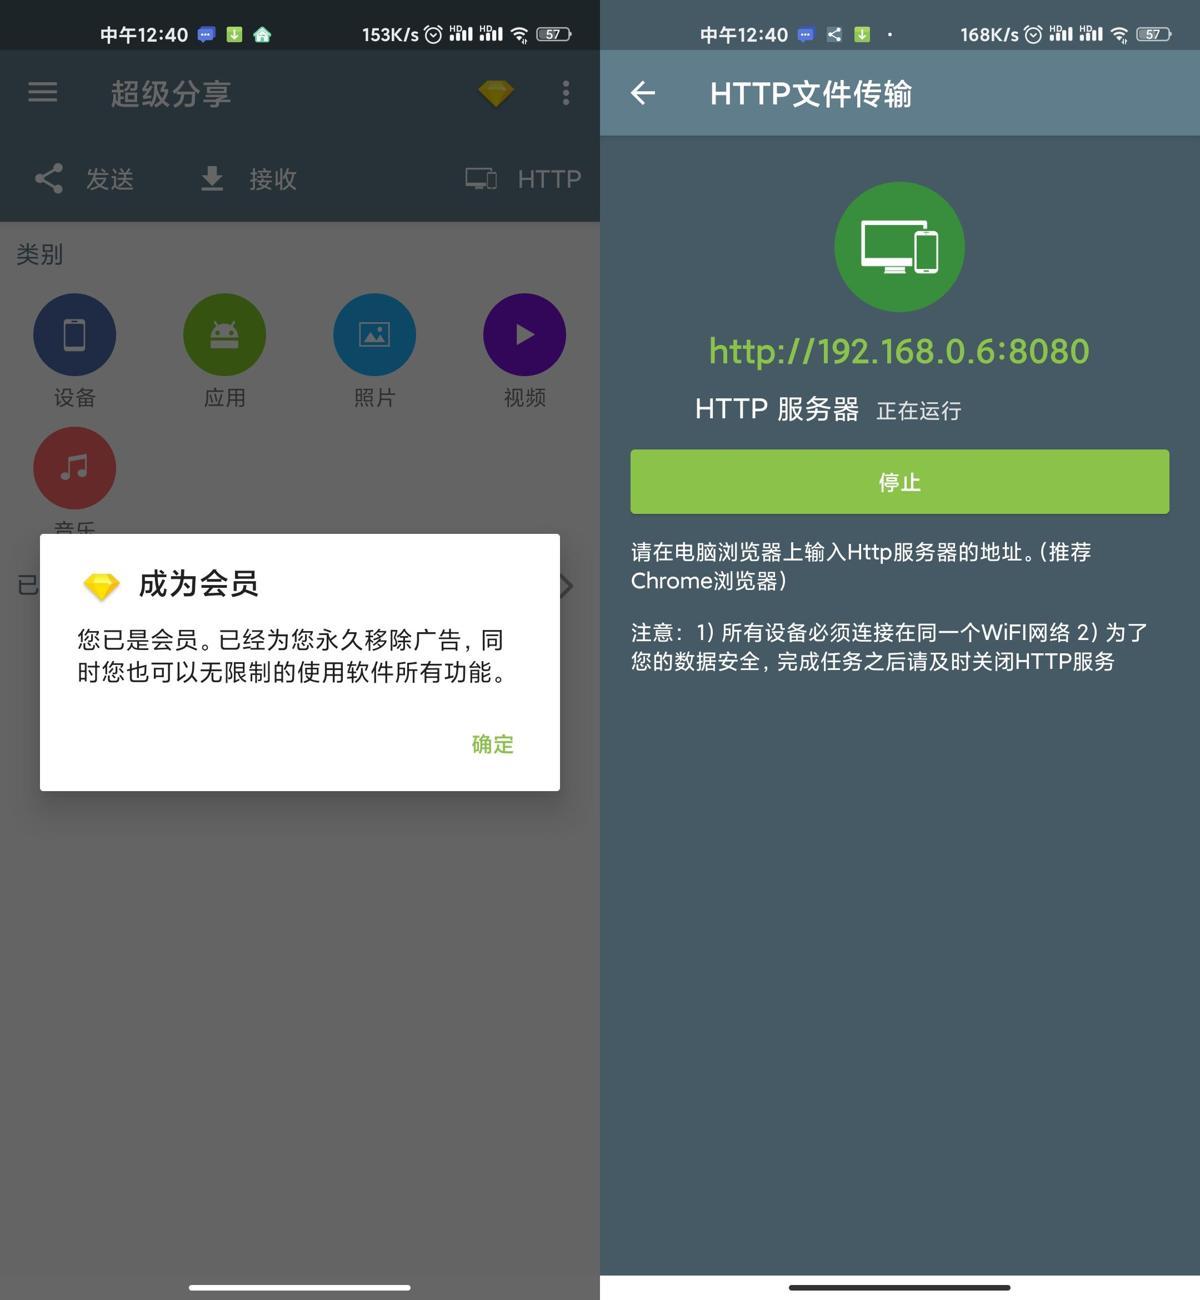 安卓超级分享高速版 连接wifi即可传输文件